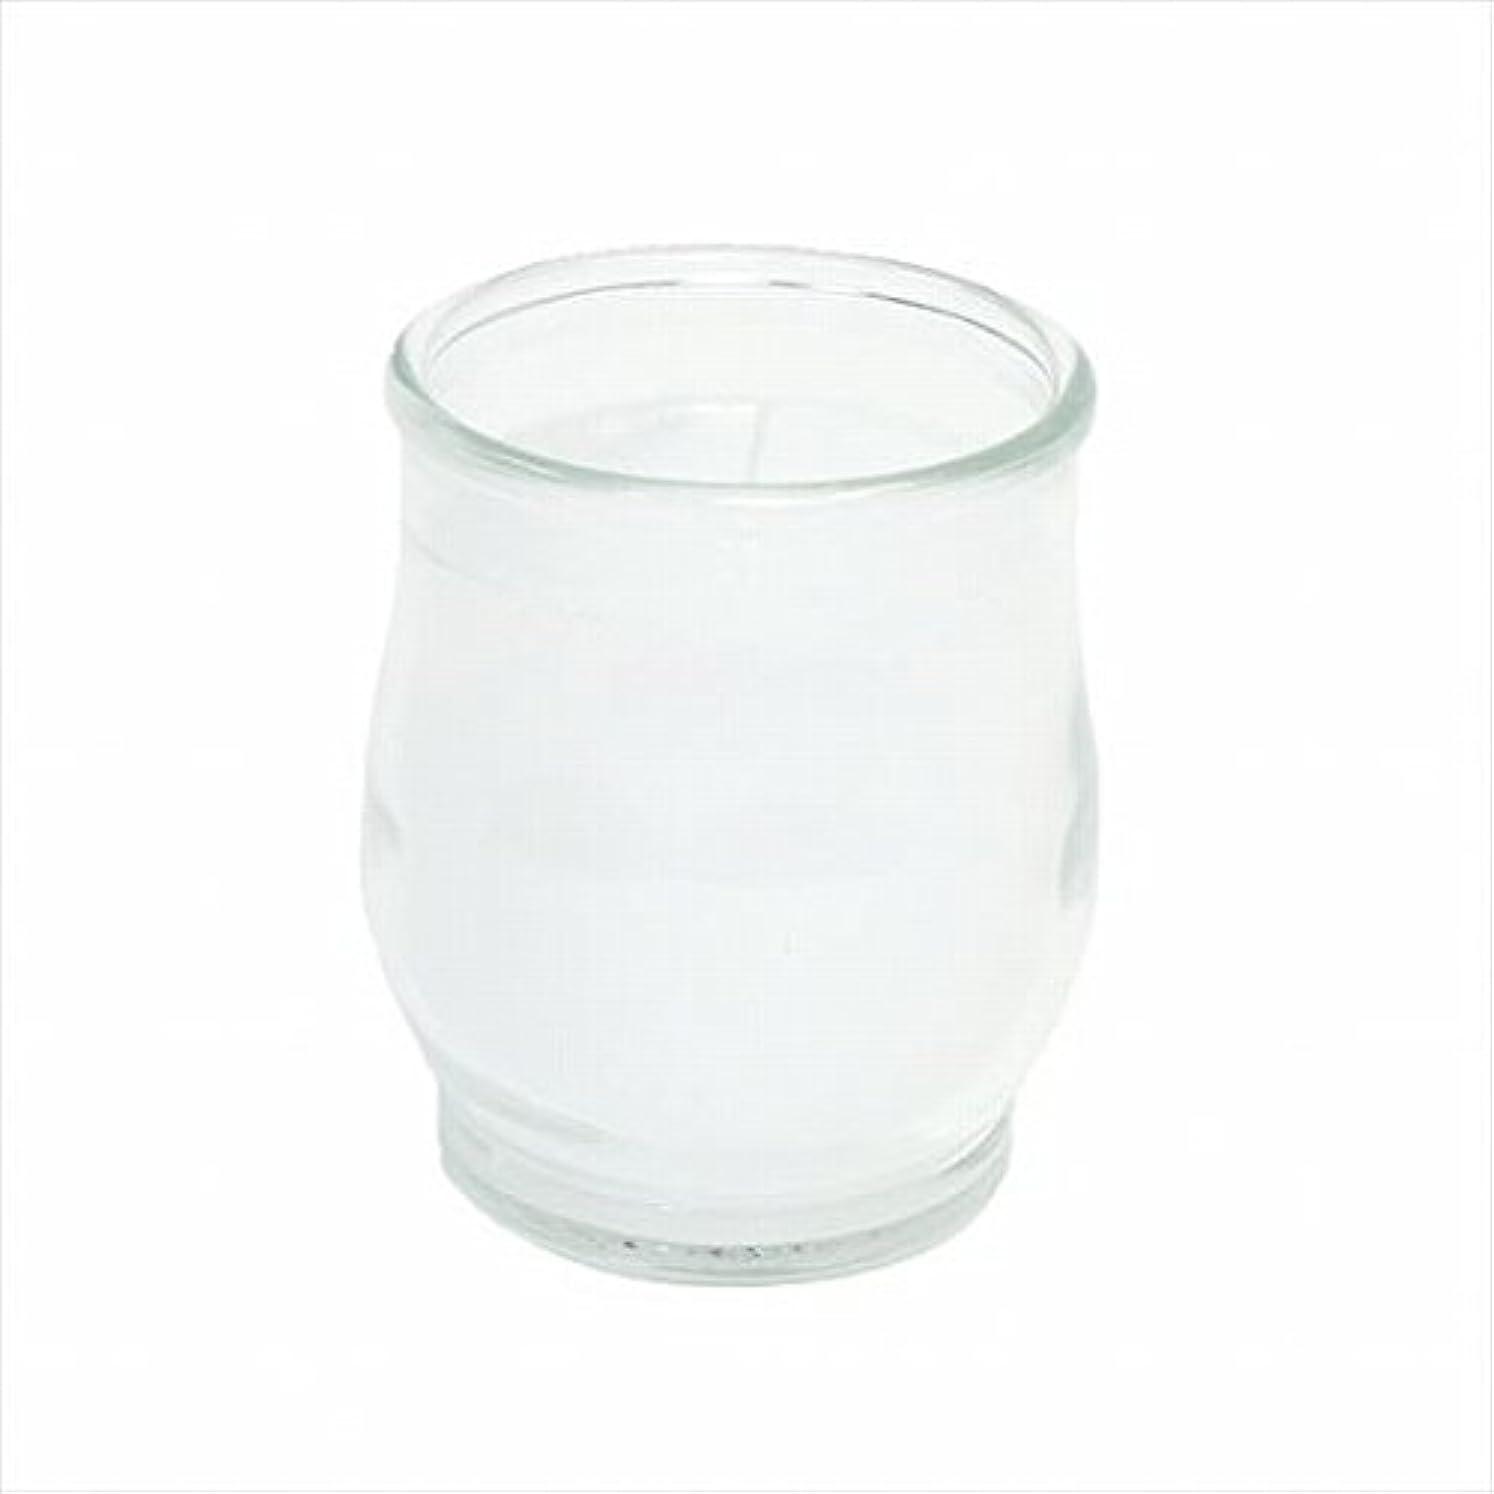 遠洋の食堂裂け目カメヤマキャンドル(kameyama candle) ポシェ(非常用コップローソク) 「 クリア 」